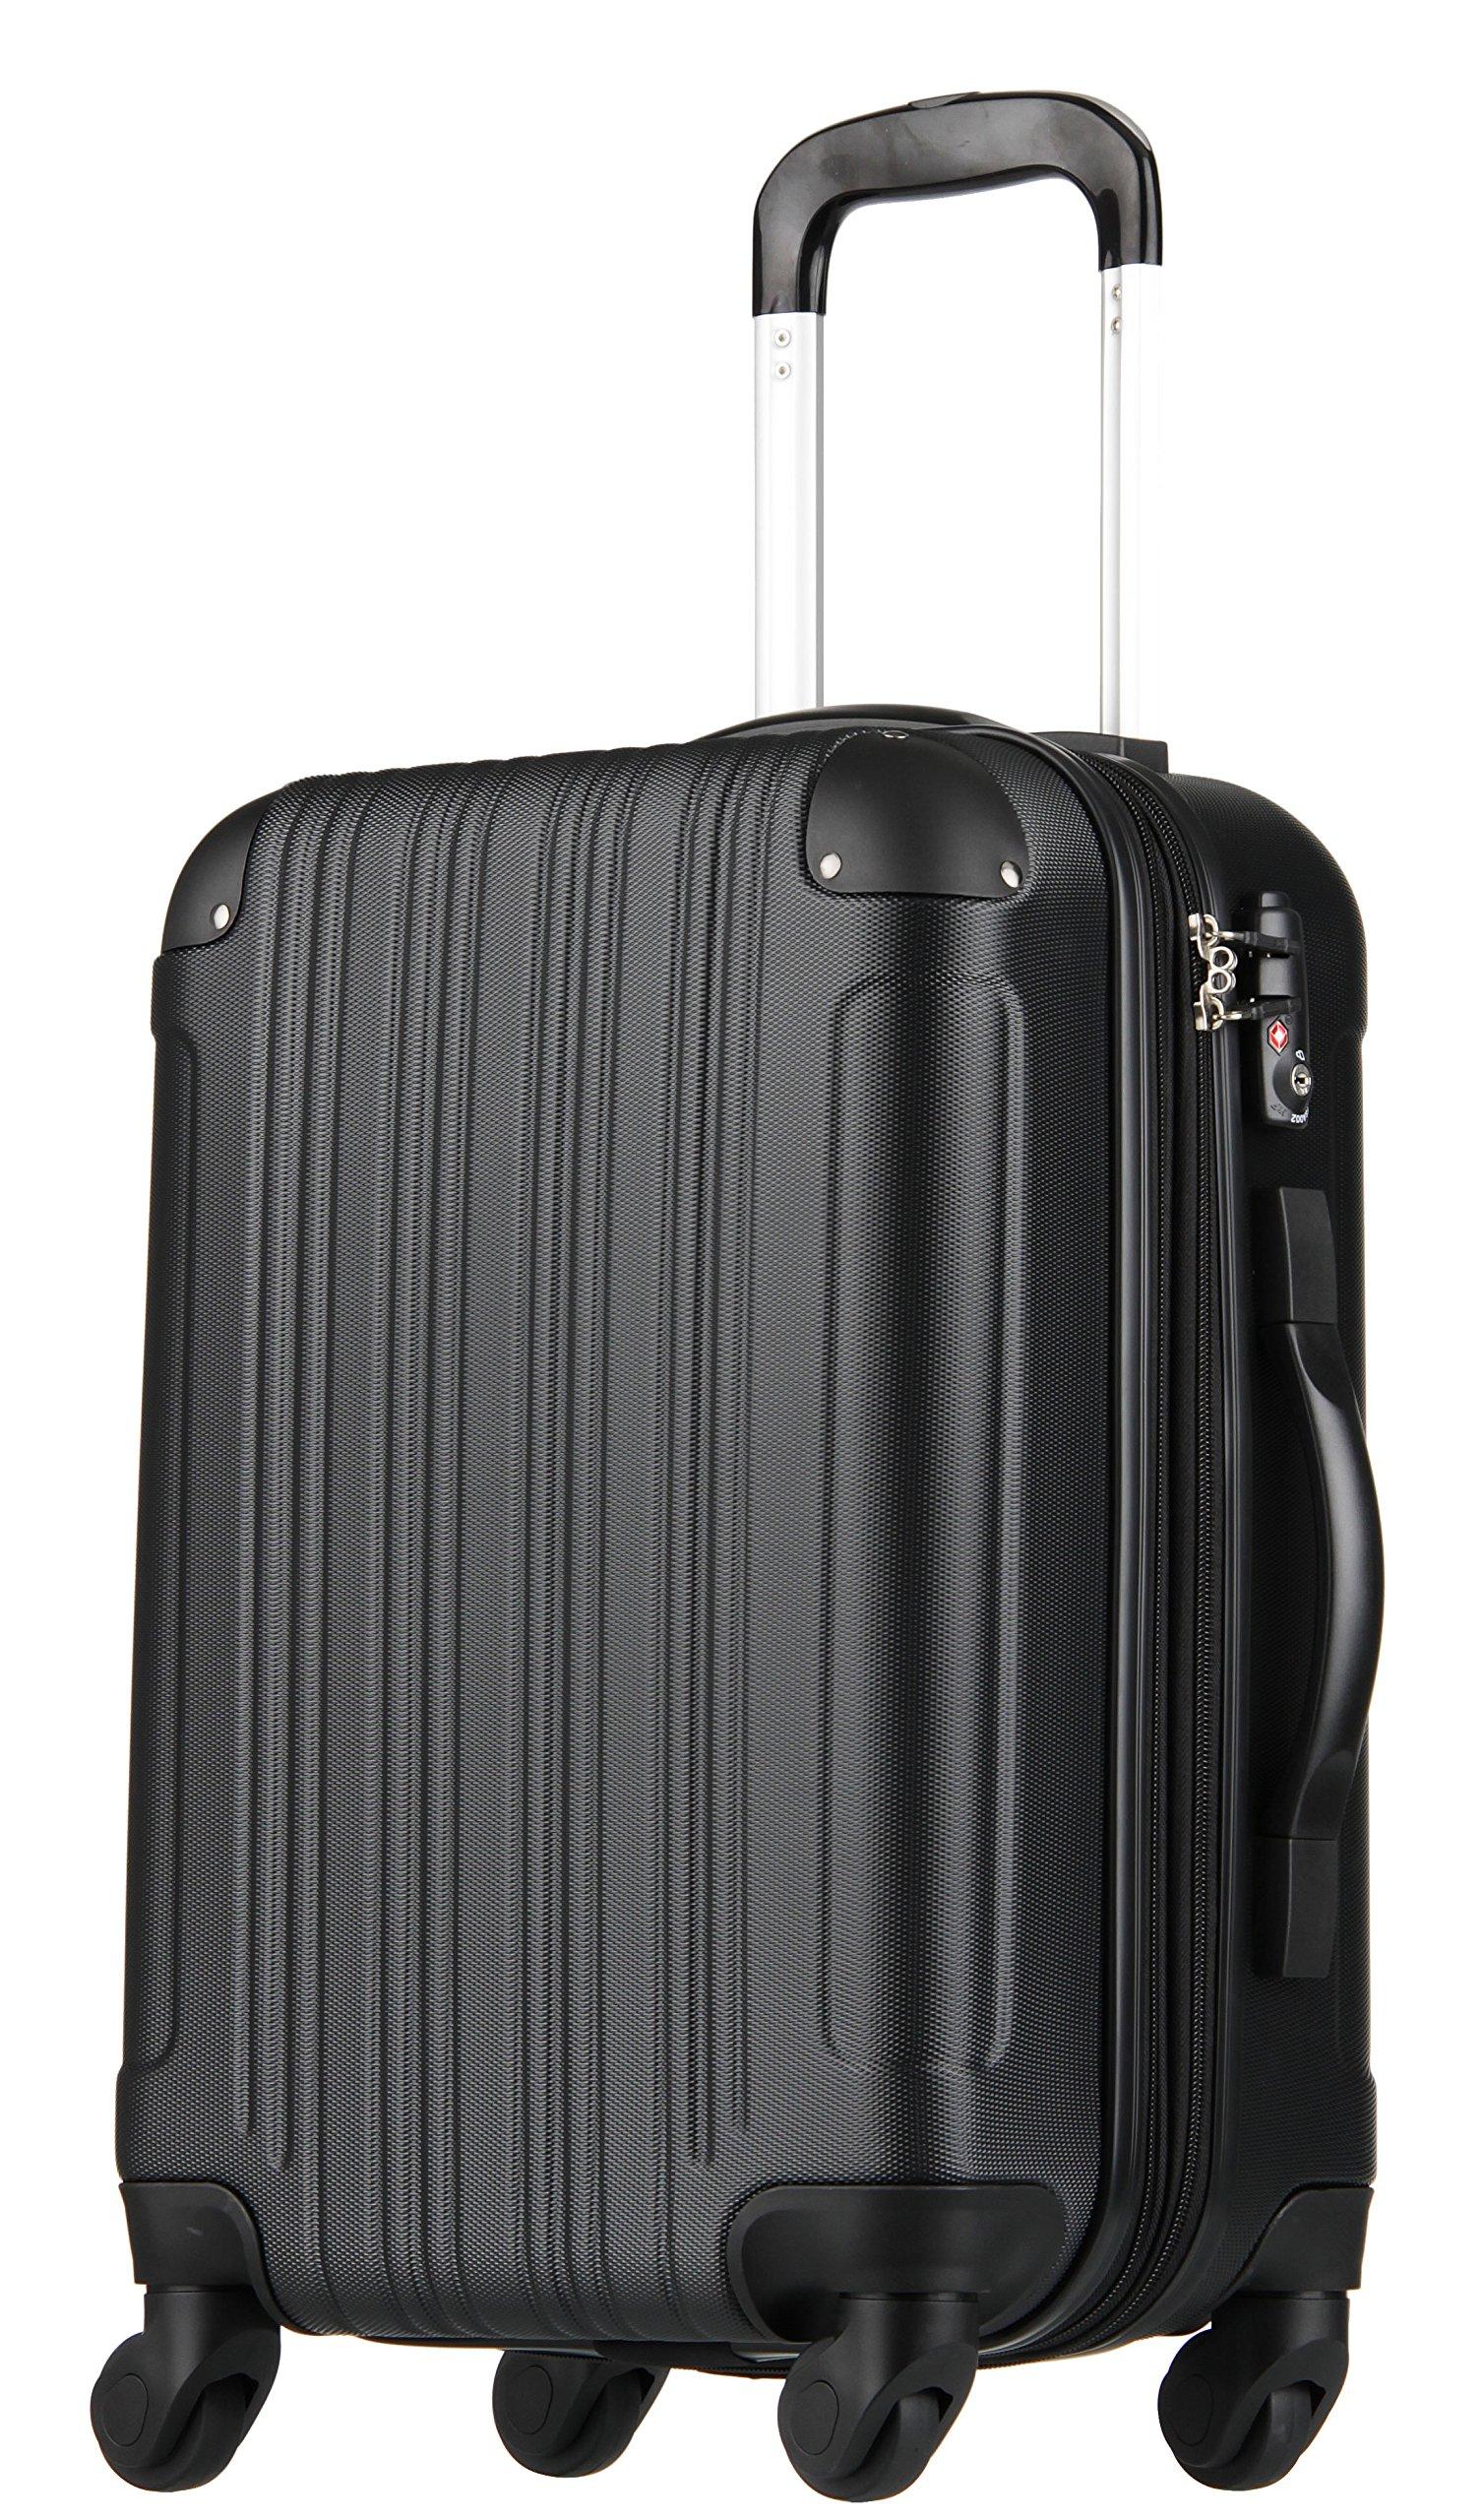 スーツケース キャリーケース キャリーバッグ 安心1年保証 機内持ち込みサイズから ファスナー 傷が目立ちにくい TSAロック ハードキャリー 拡張 ジッパー 全サイズ 有り